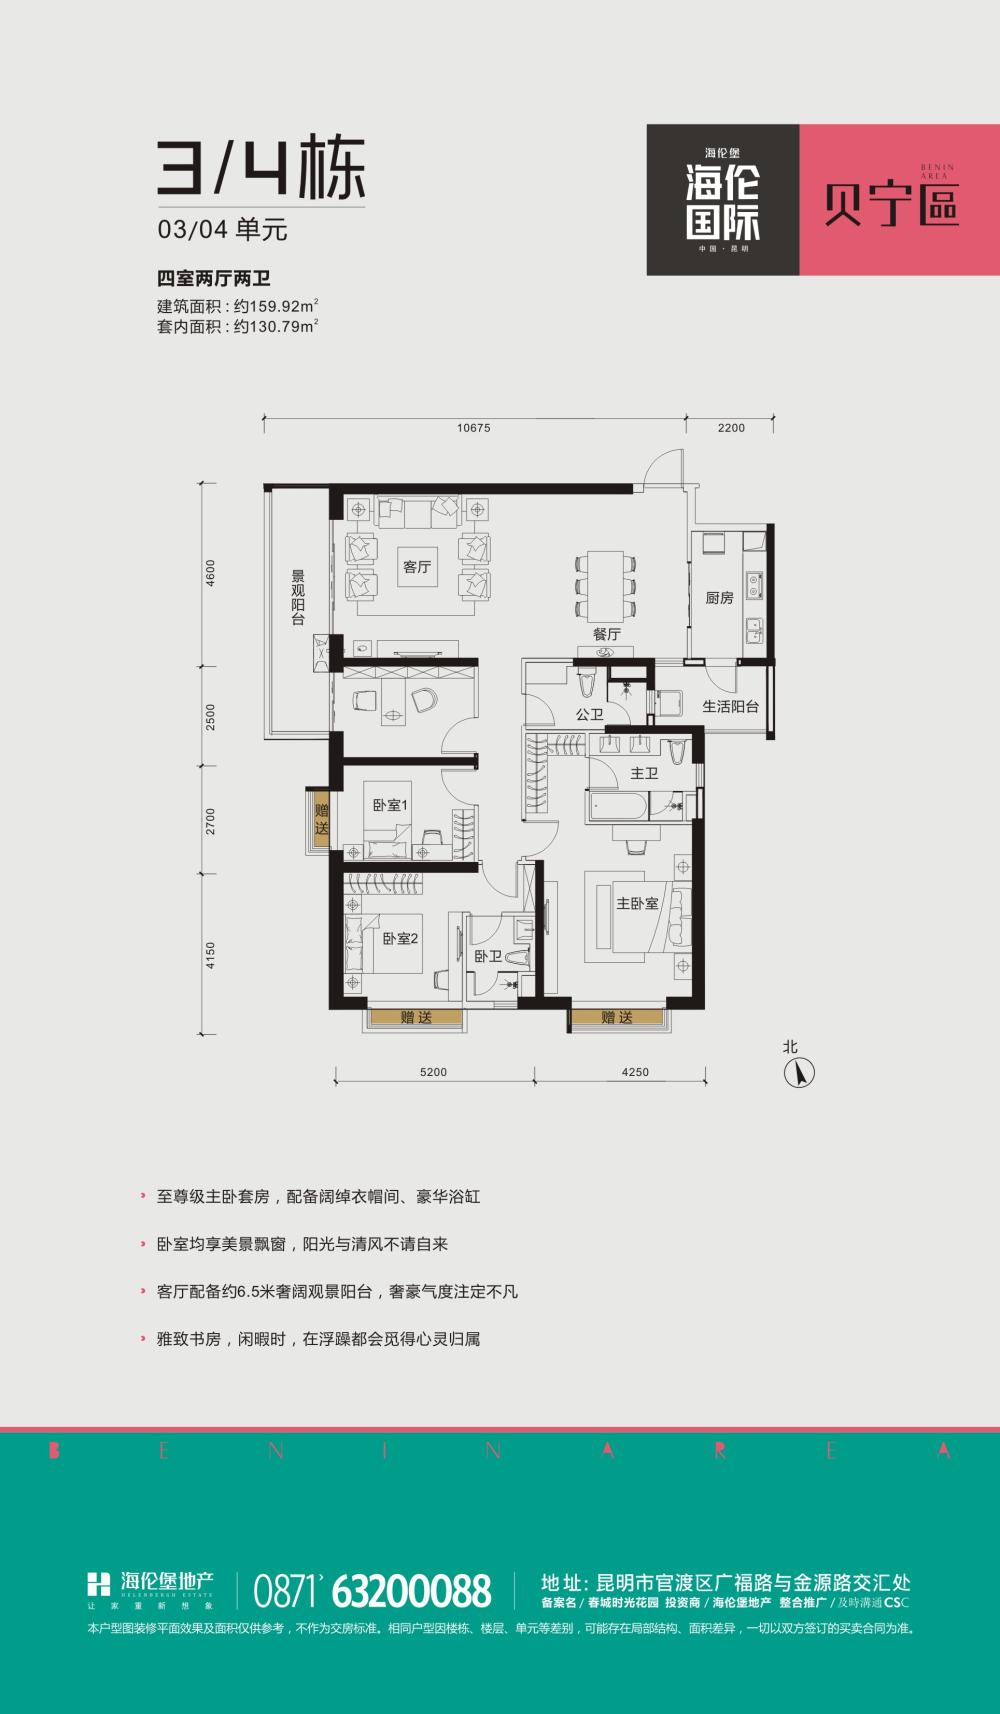 海伦国际四居室贝宁区159平_海伦国际户型图-昆明搜狐